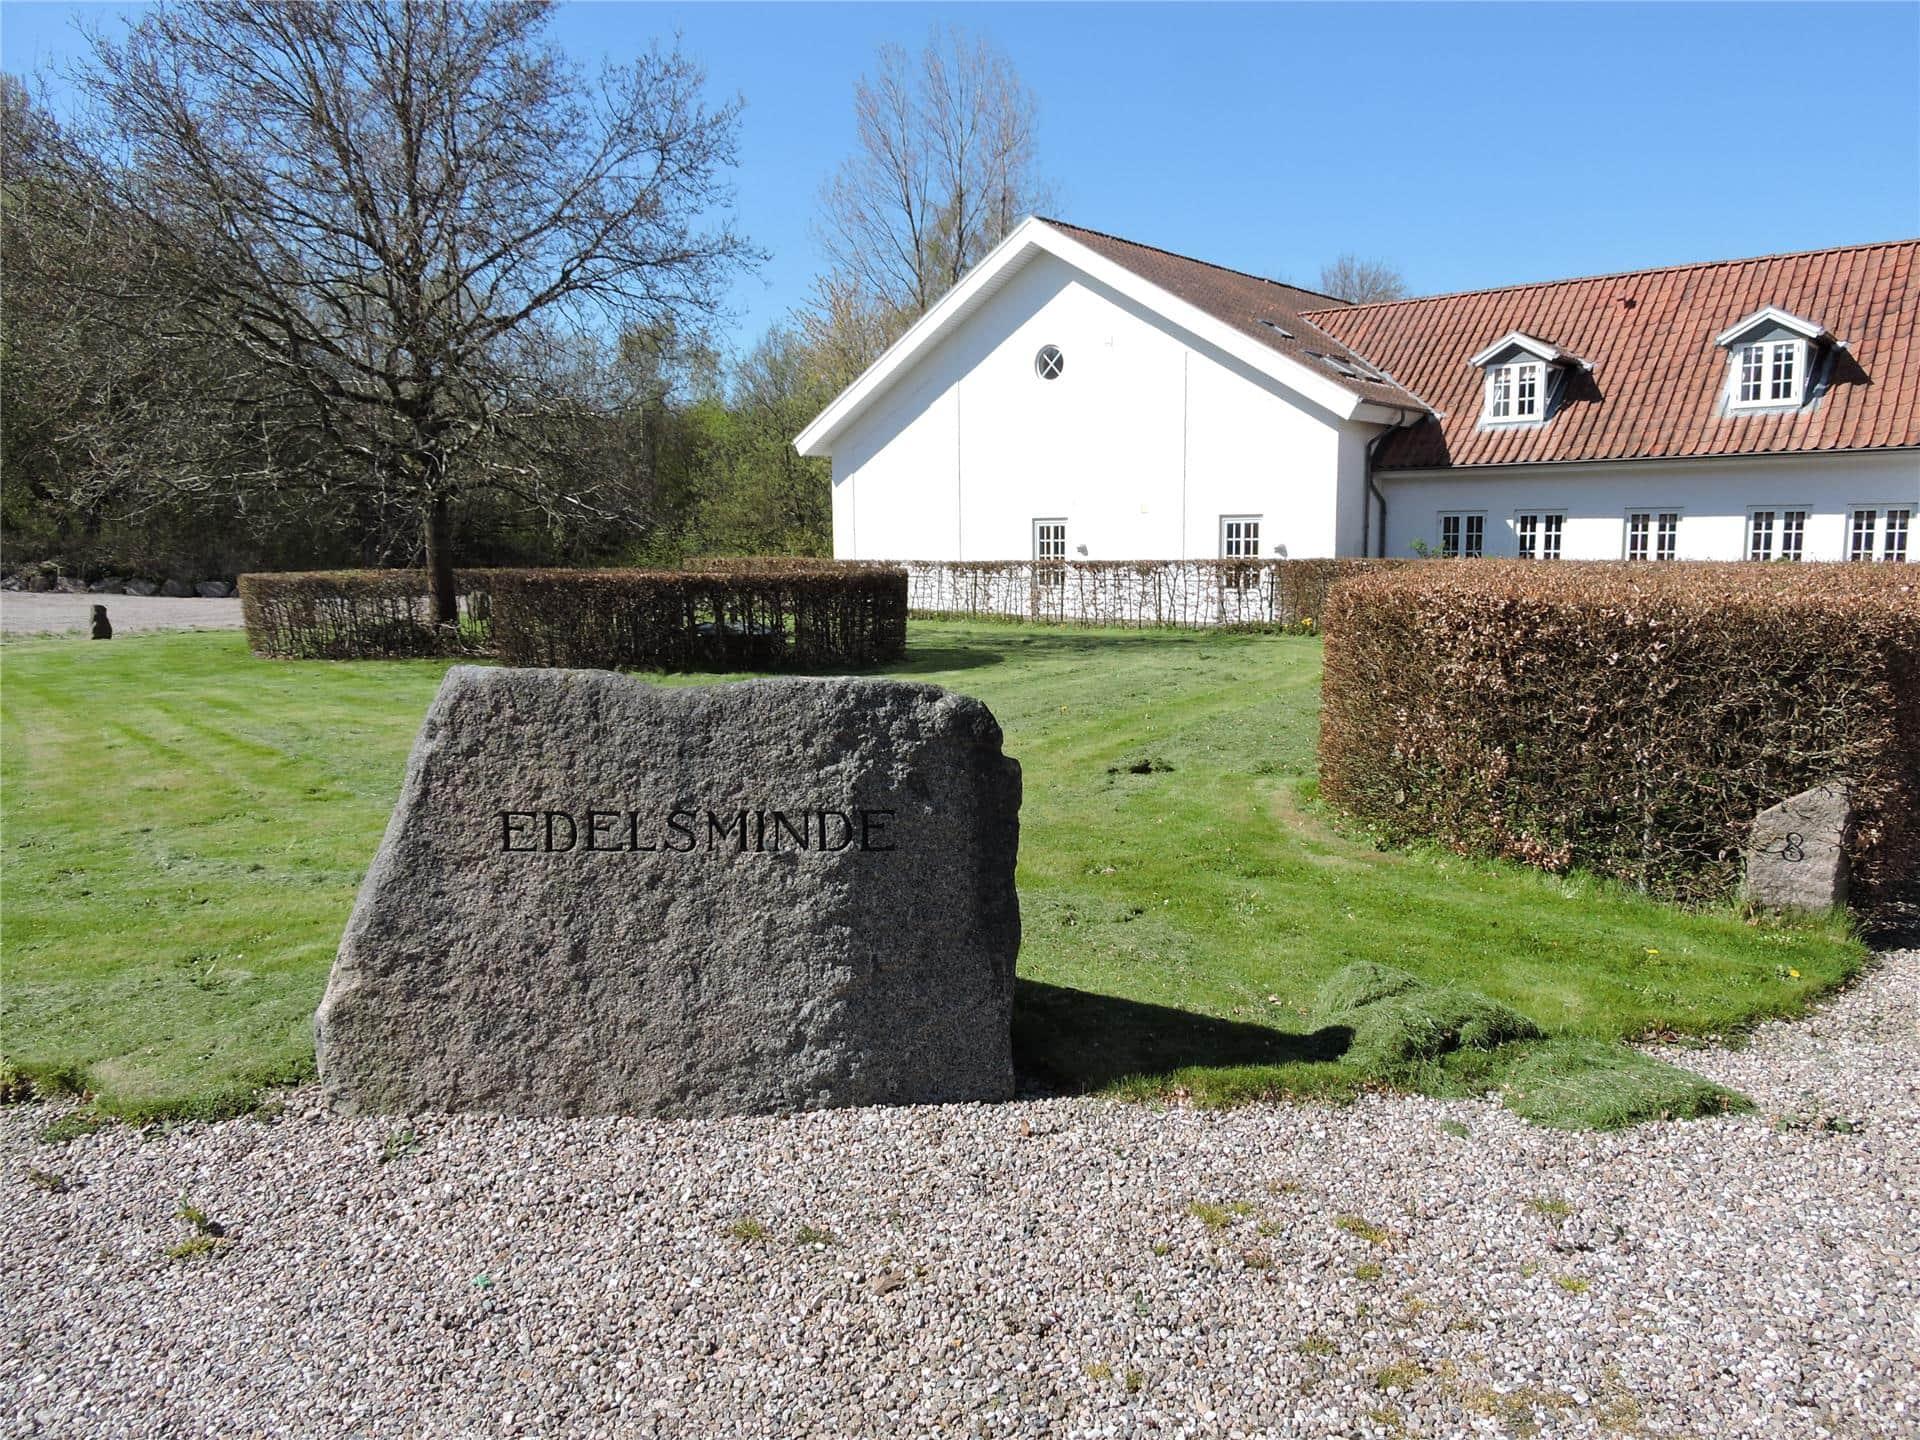 Billede 1-3 Sommerhus M661002, Edelsmindevej 8, DK - 5700 Svendborg